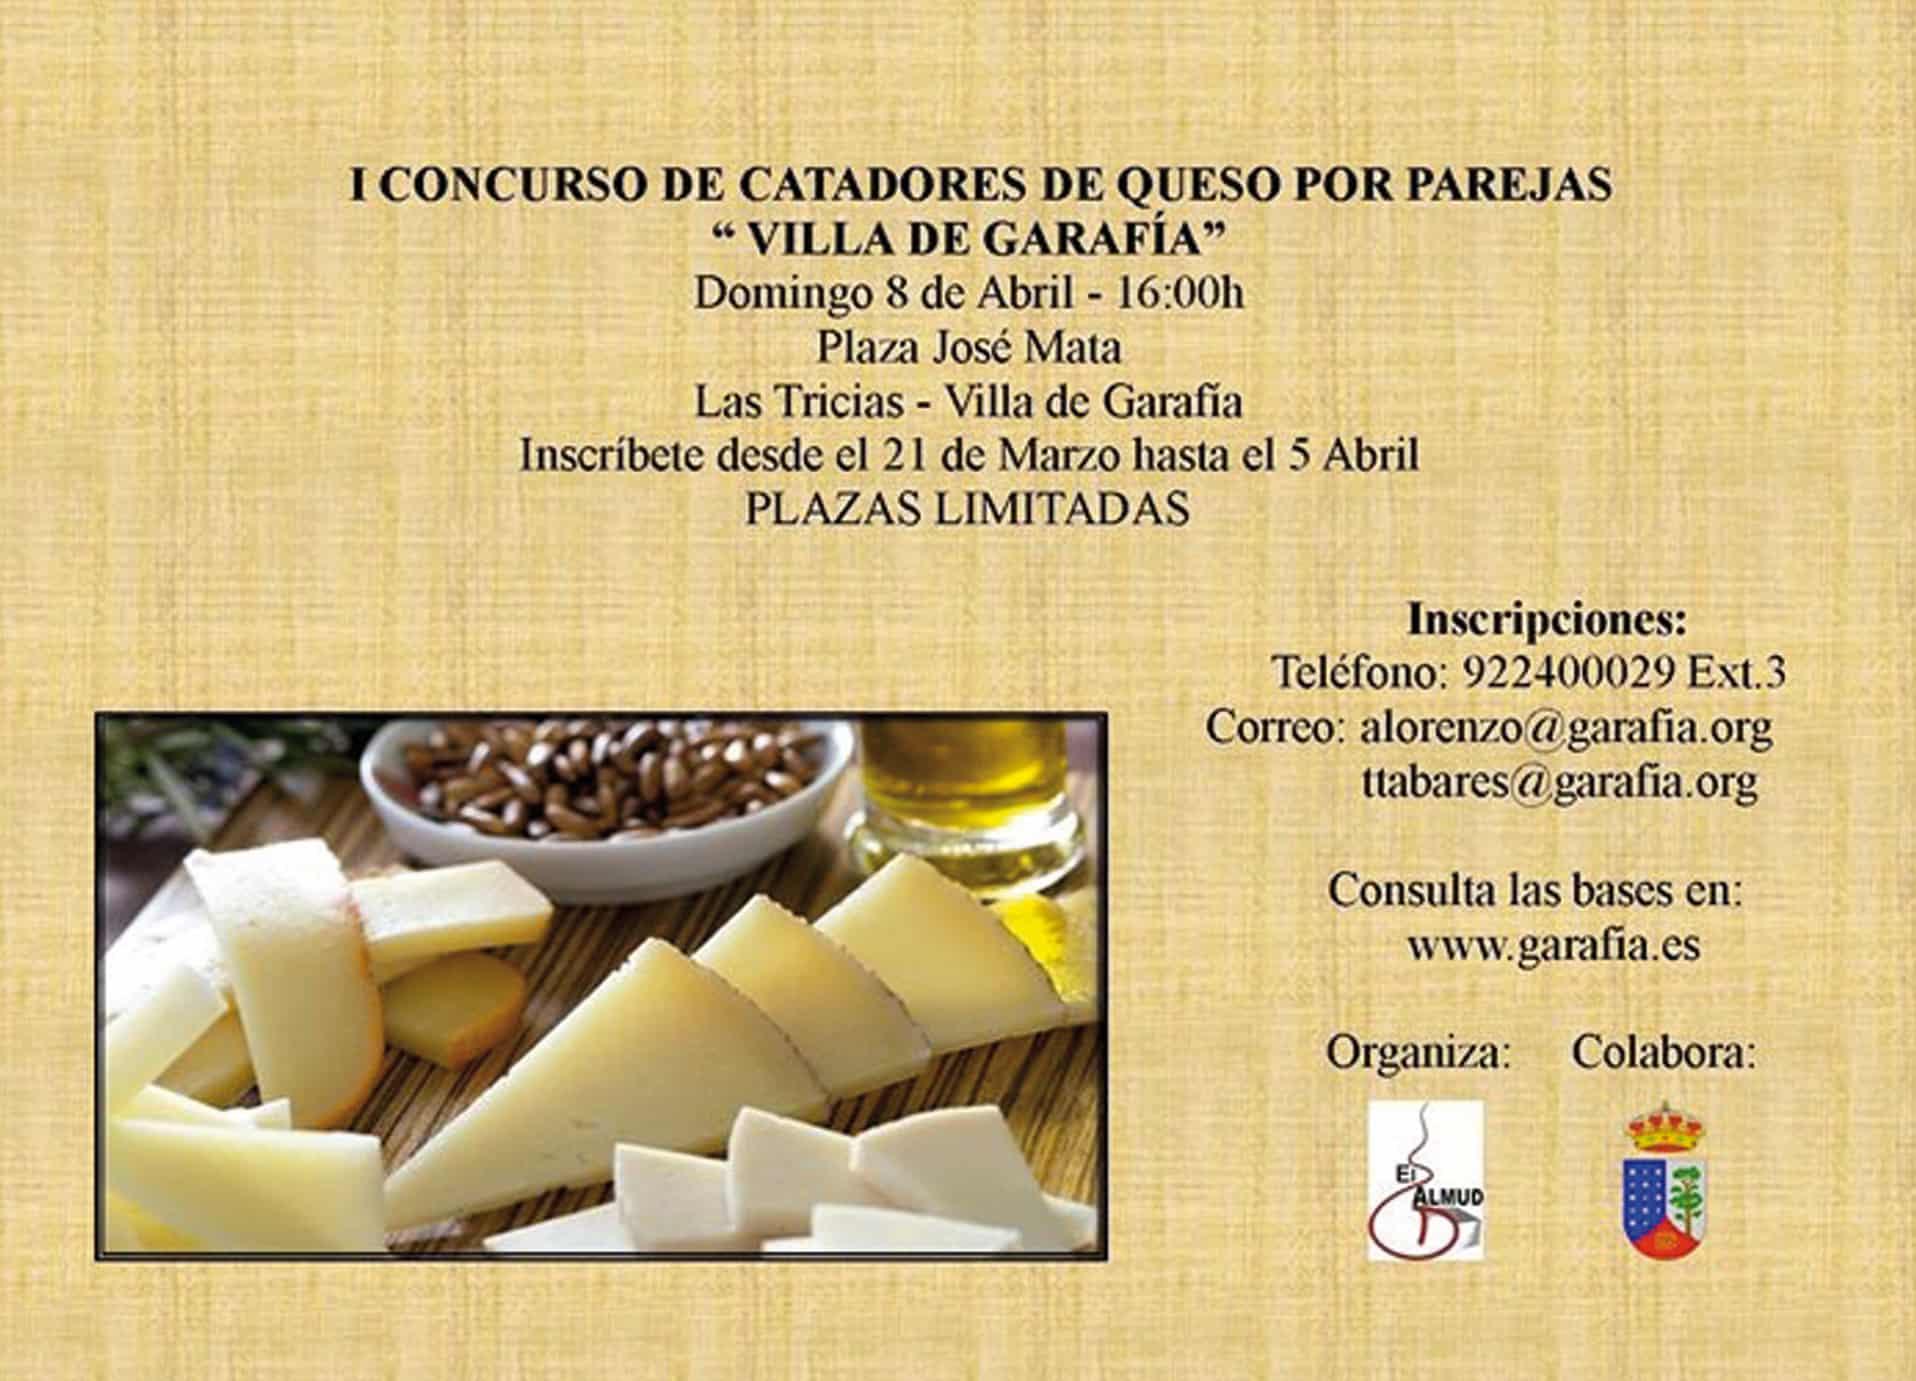 Bases concurso de I Cata de Queso por Parejas Villa de Garafía